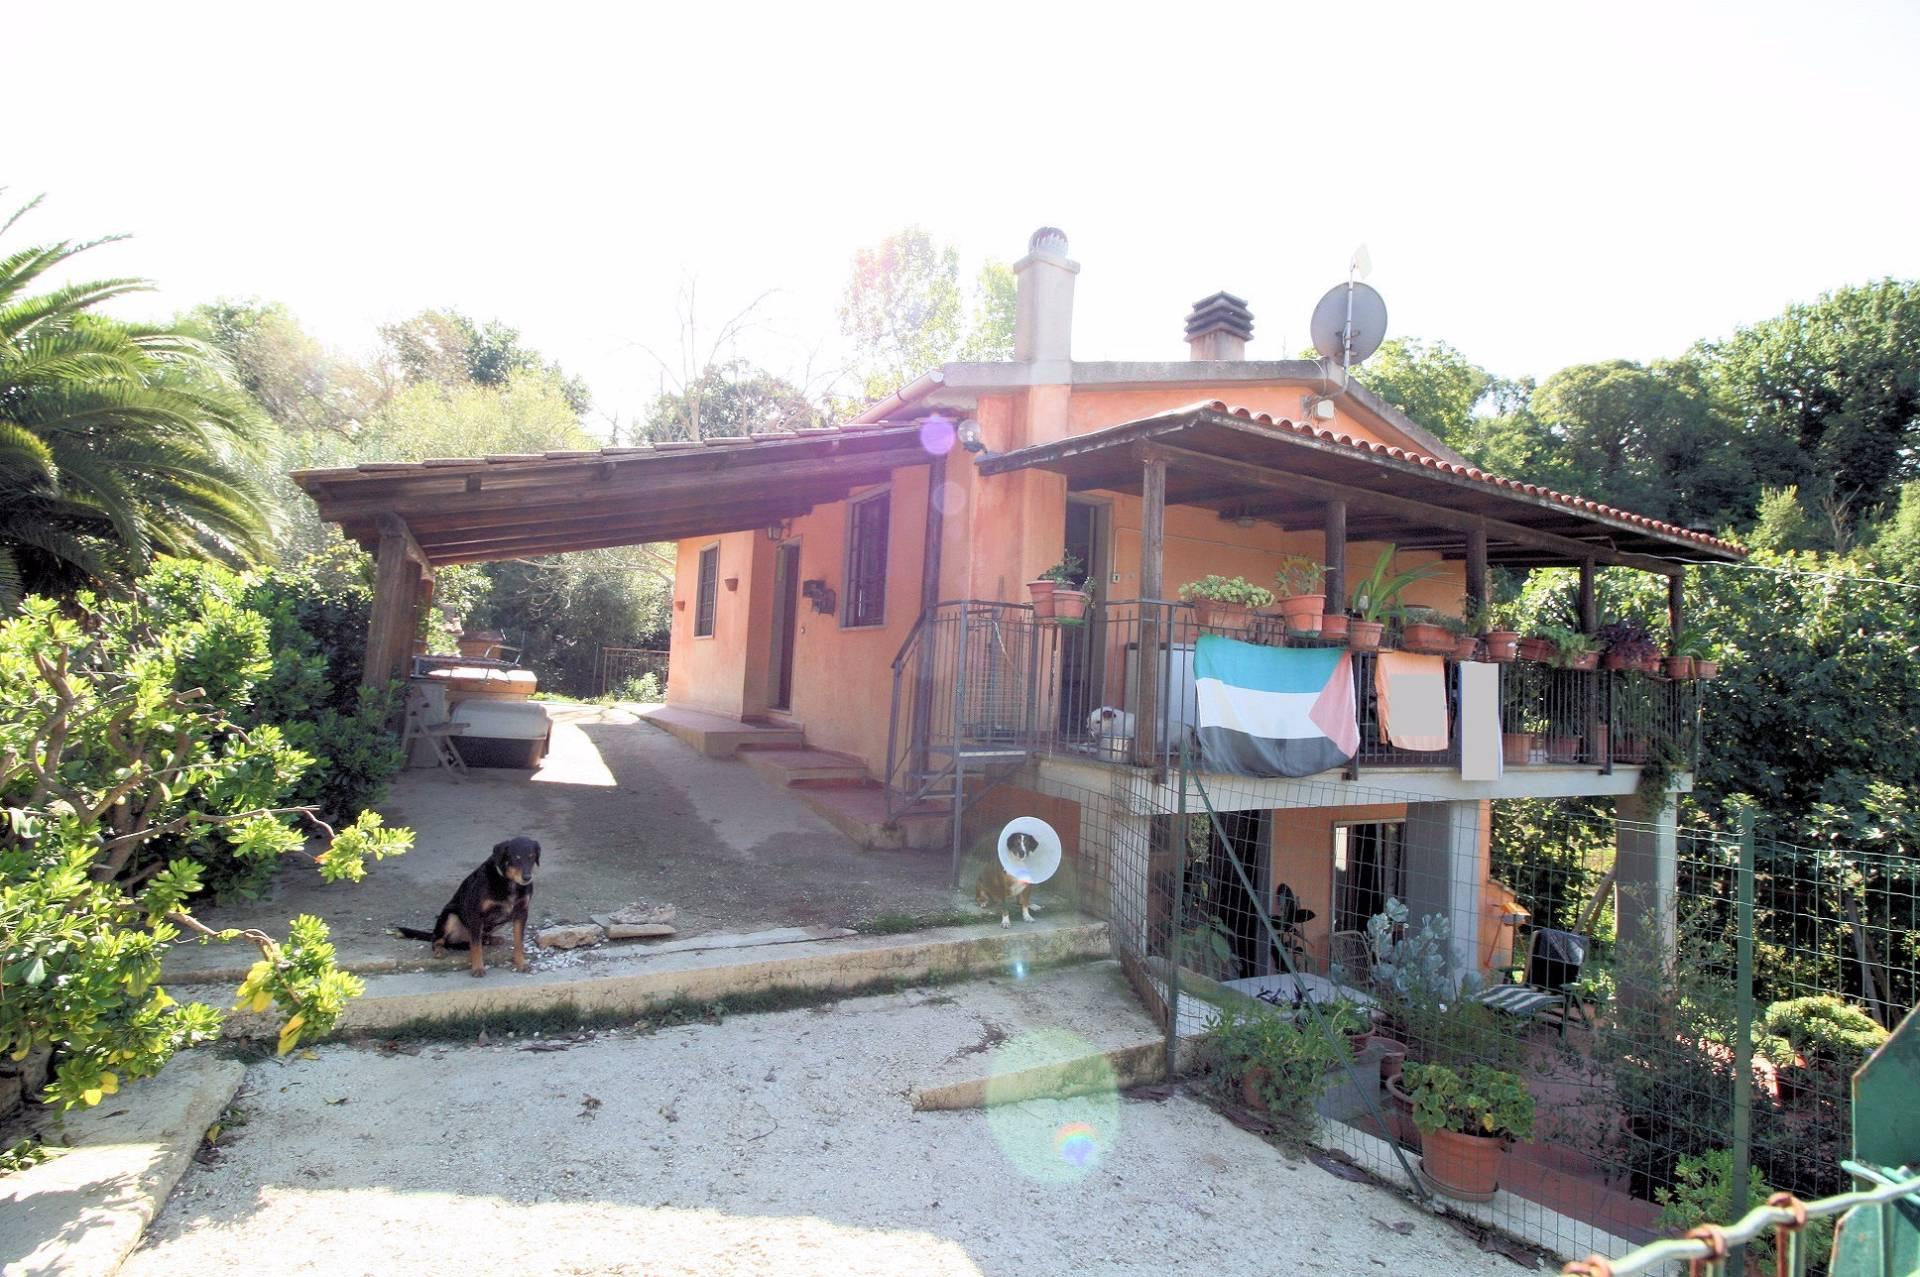 Villa in vendita a Manciano, 7 locali, zona Zona: Montemerano, prezzo € 295.000 | Cambio Casa.it